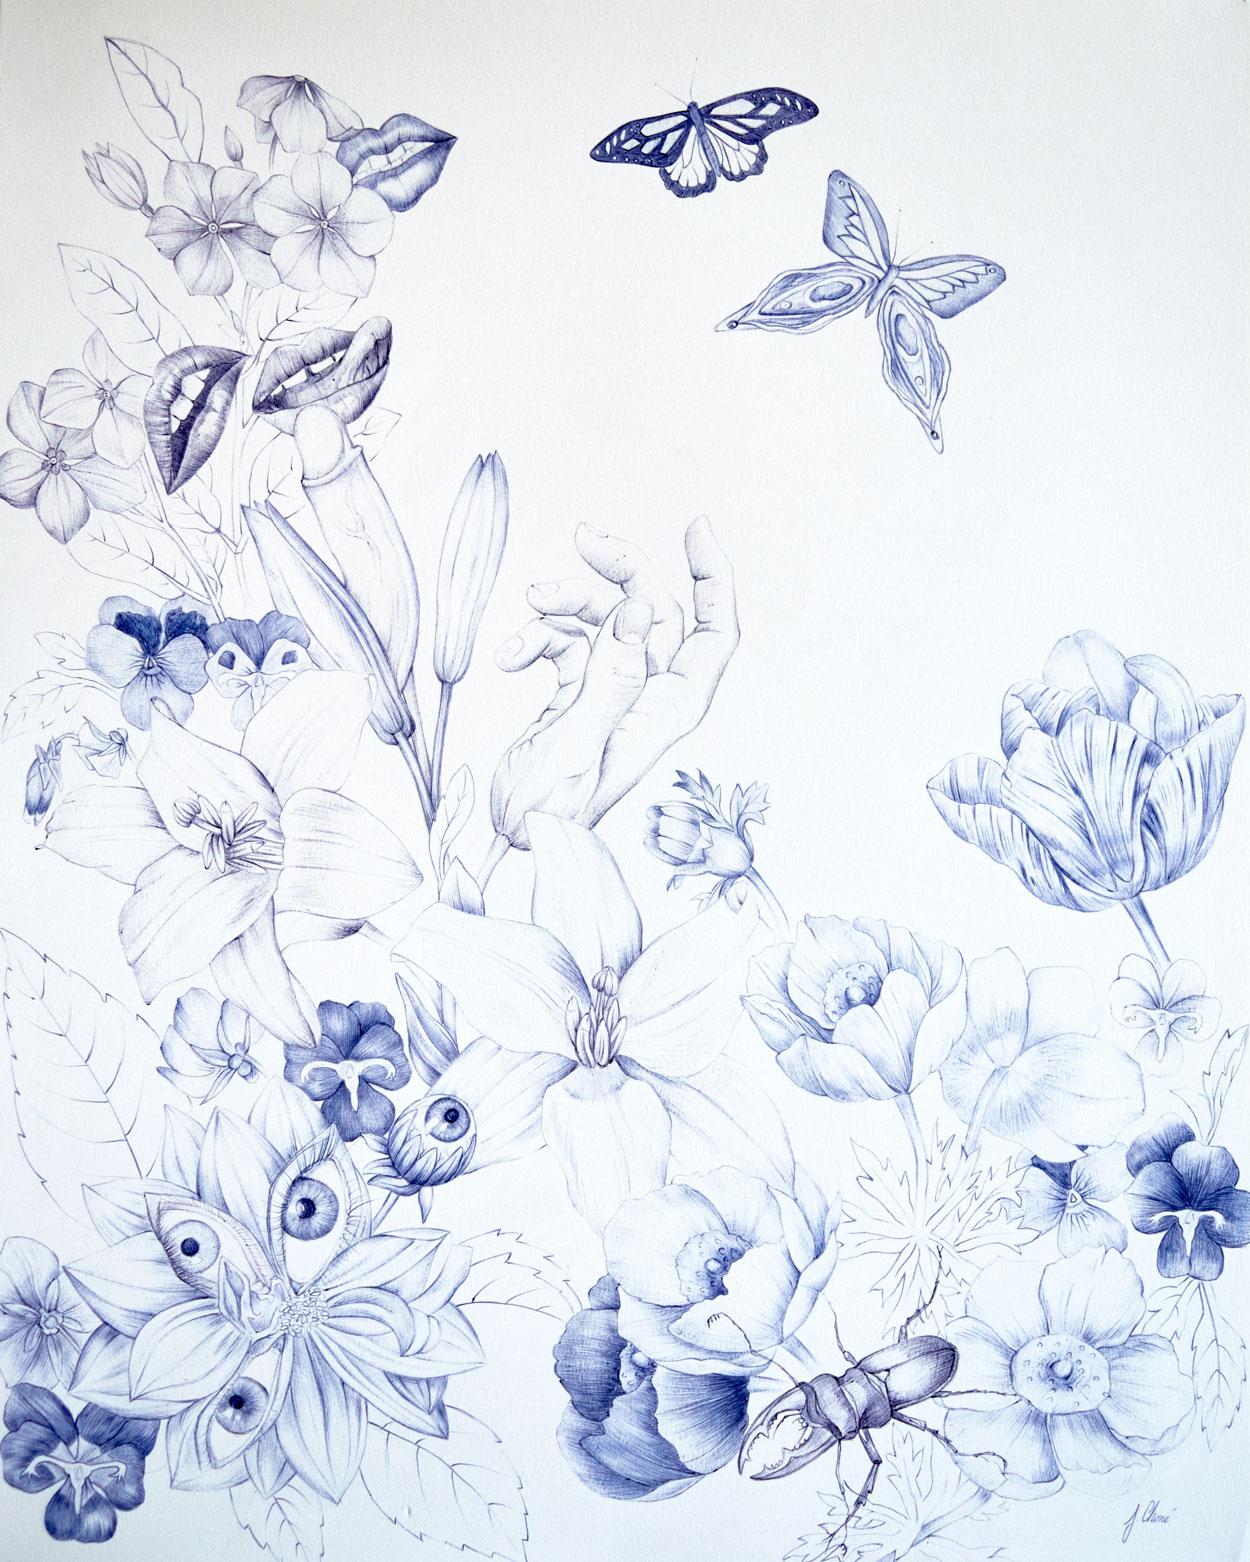 Eros garden- diptych, 2/2